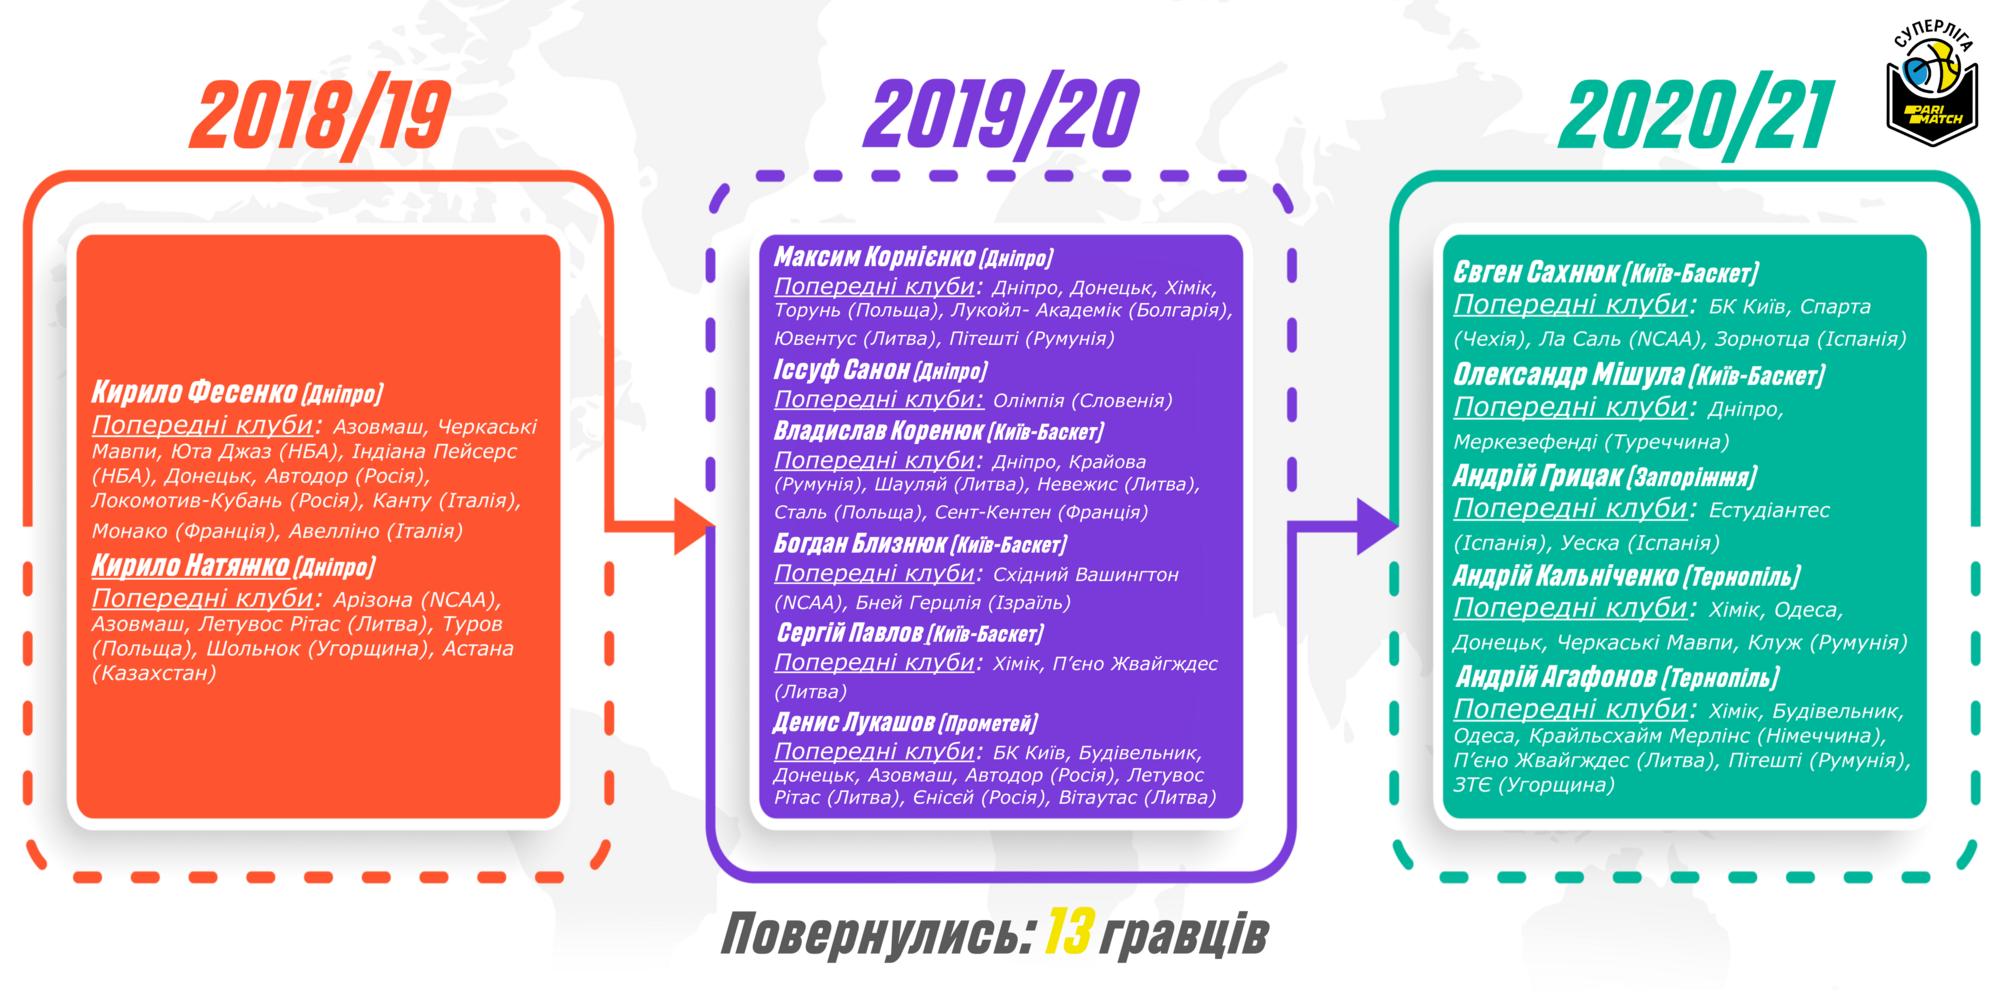 Инфографика по баскетболистам, вернувшимся в Украину